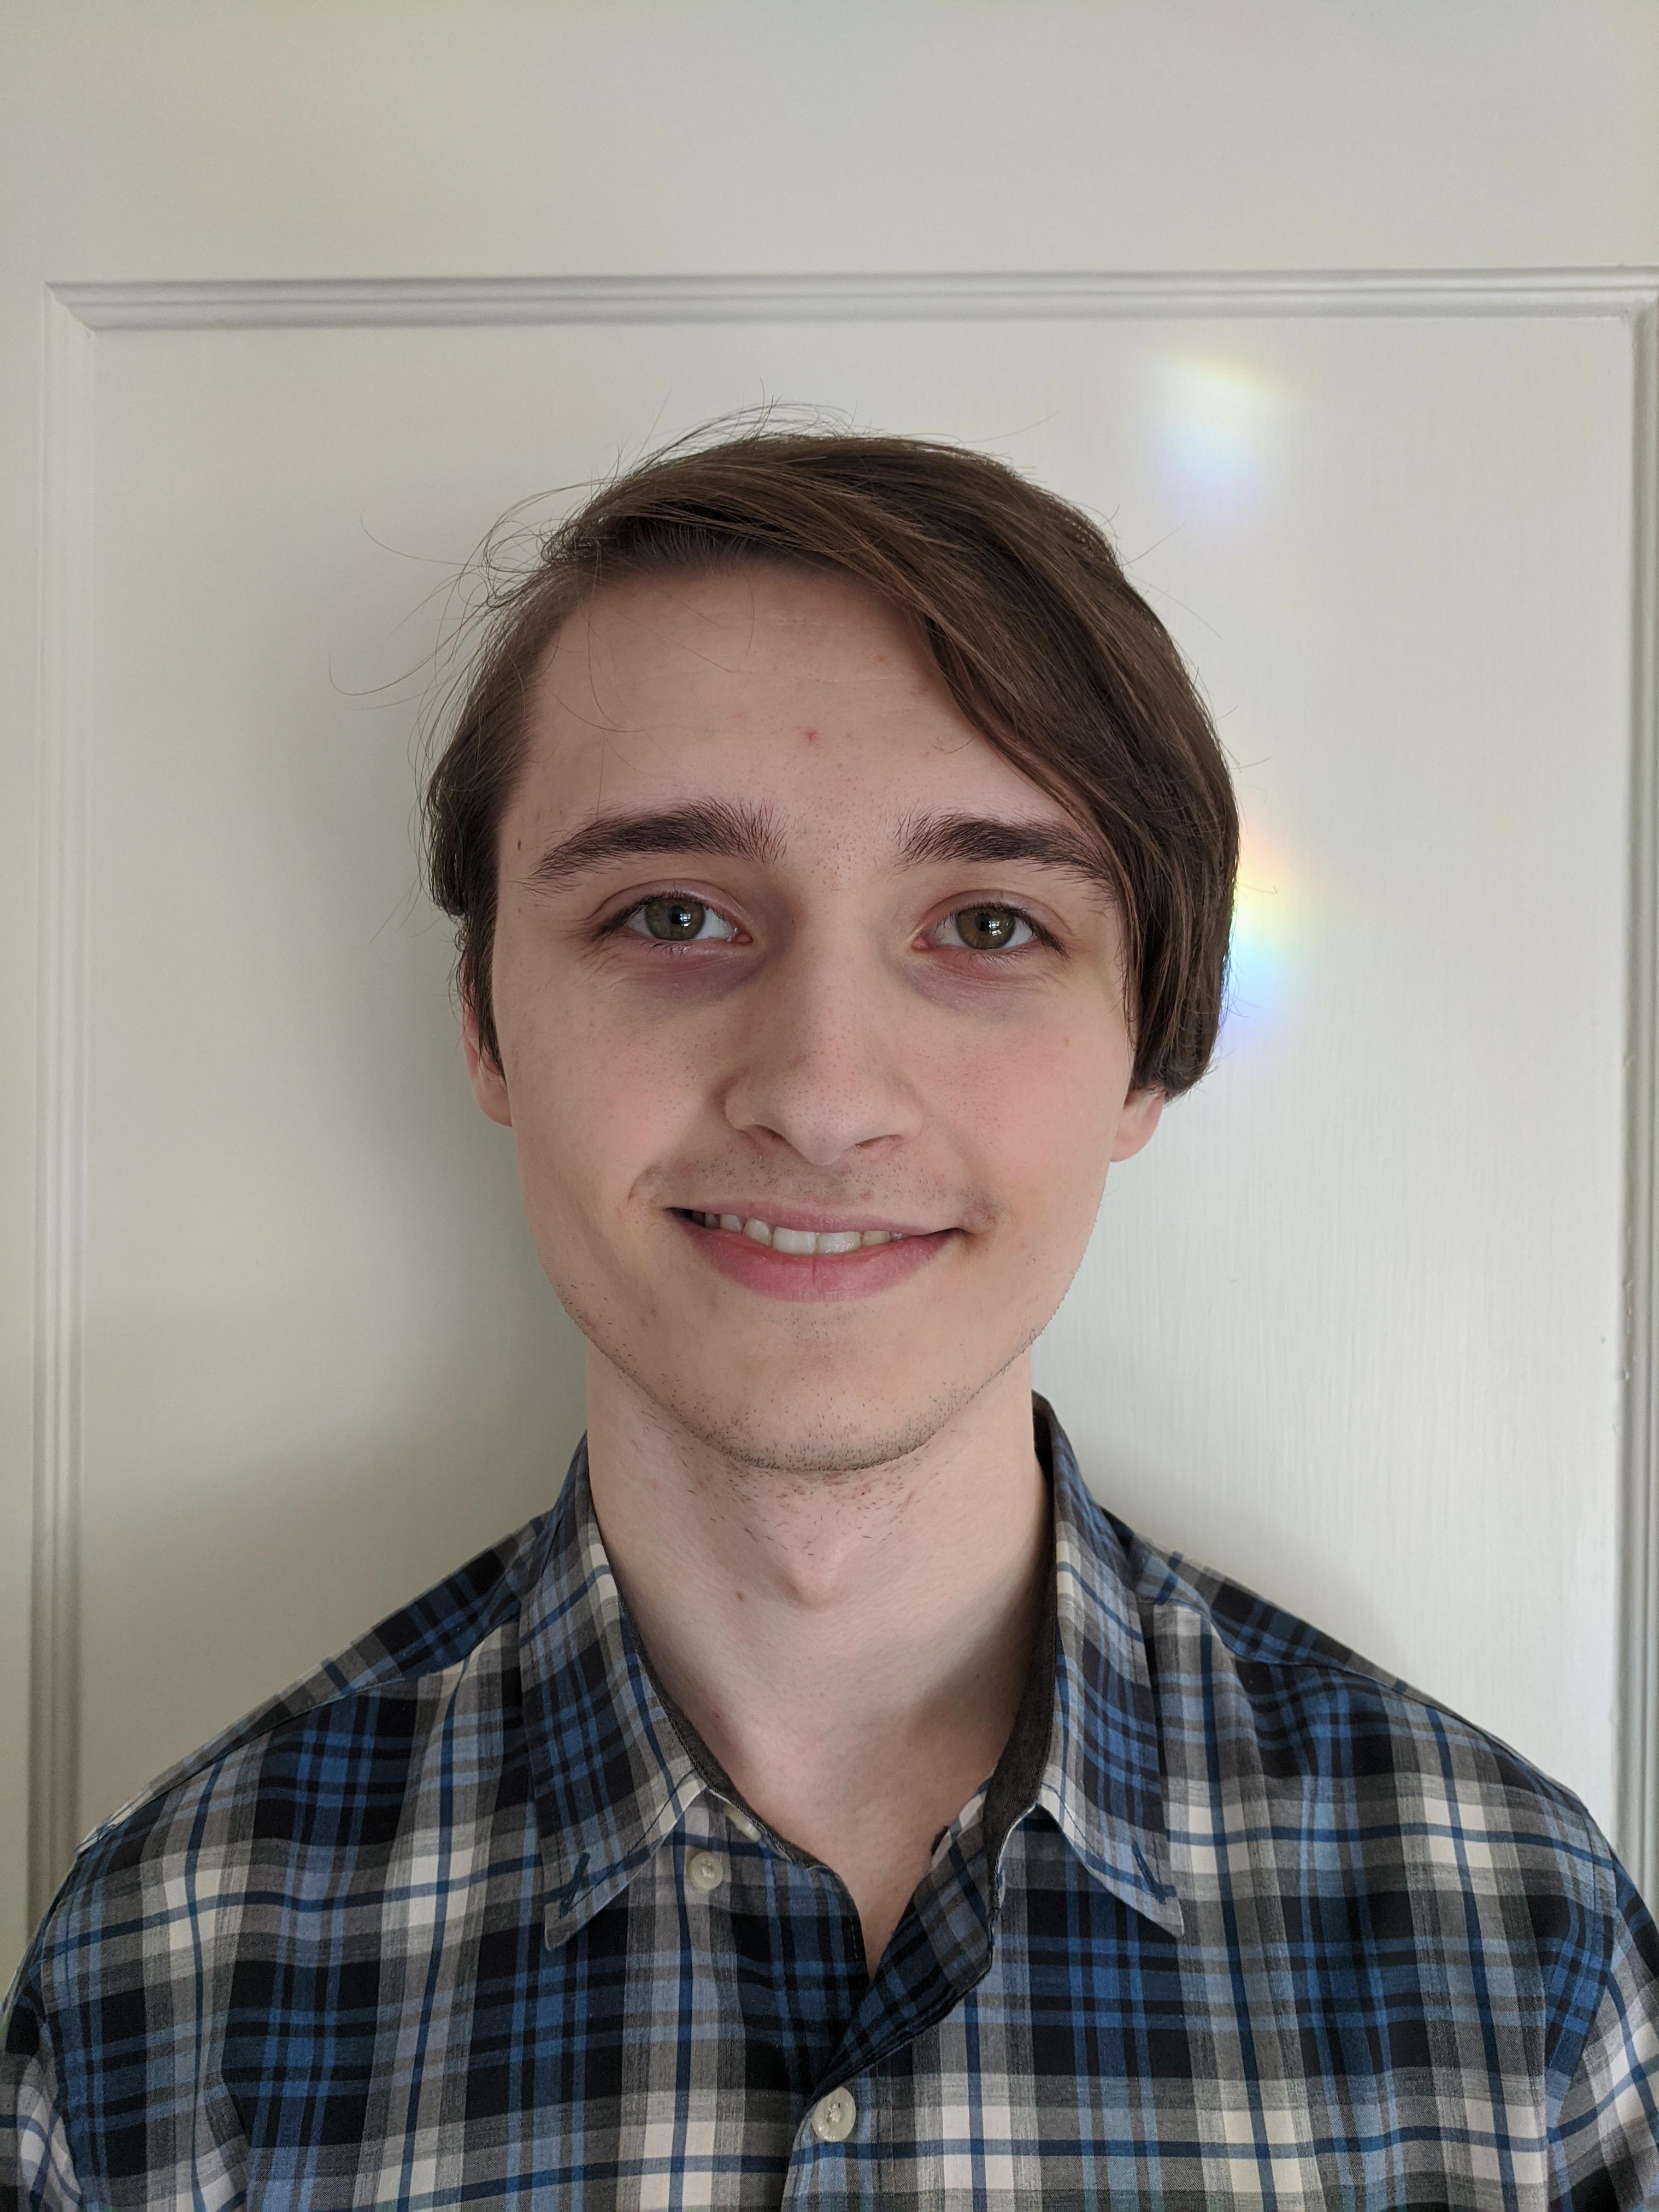 photo of Drew Hamilton